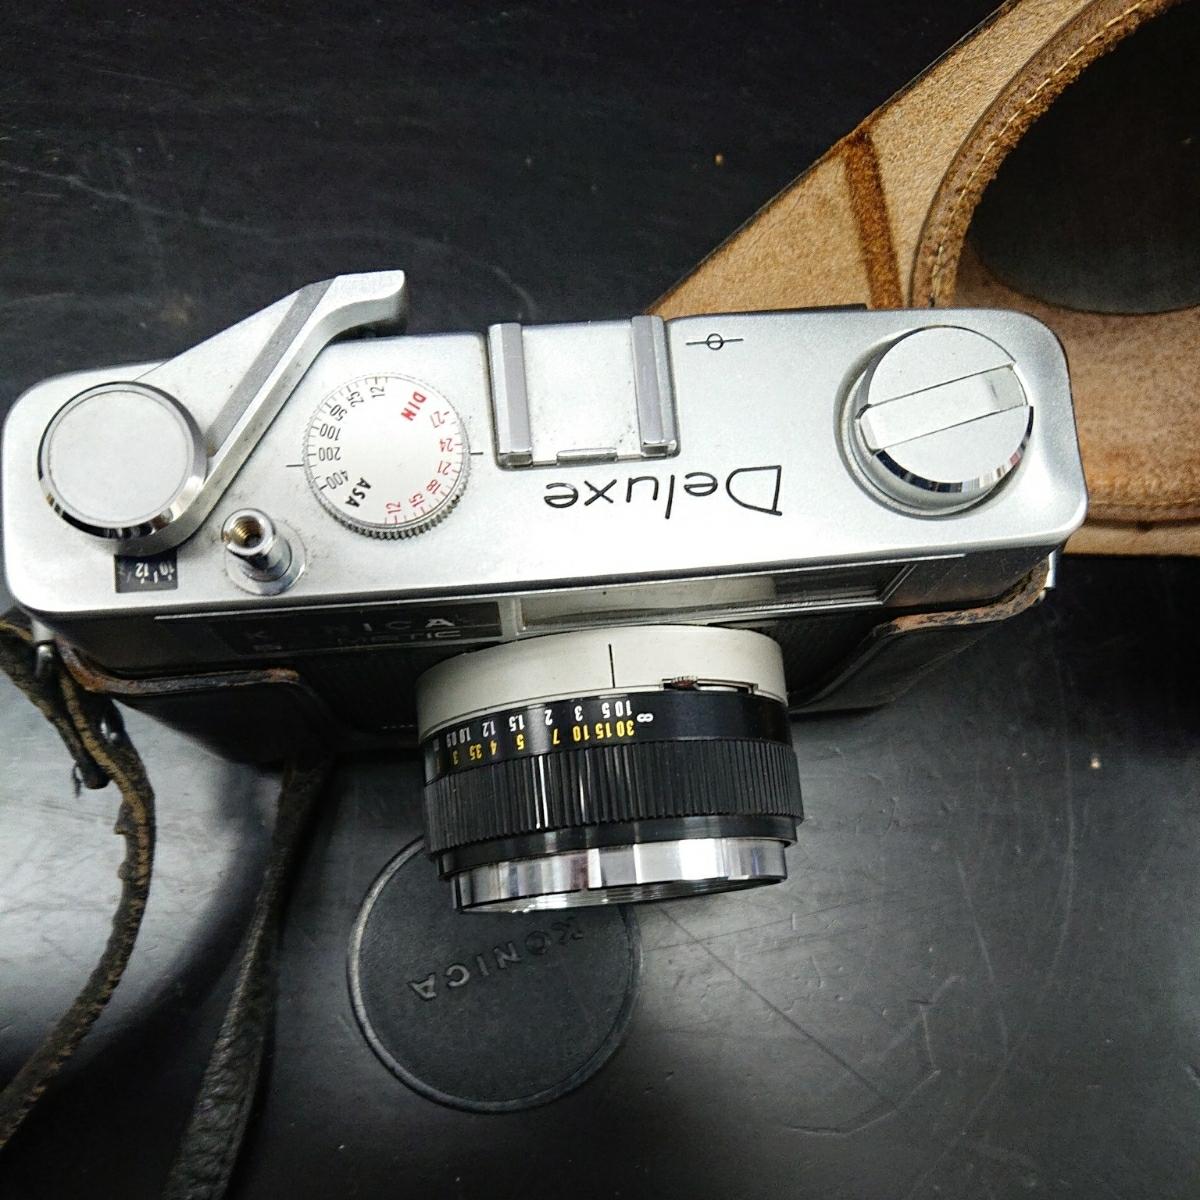 コニカ Konica EE-MATIC Deluxe KONICA HEXANON 1:2.8 f=40mm 専用ケース付き み_画像3